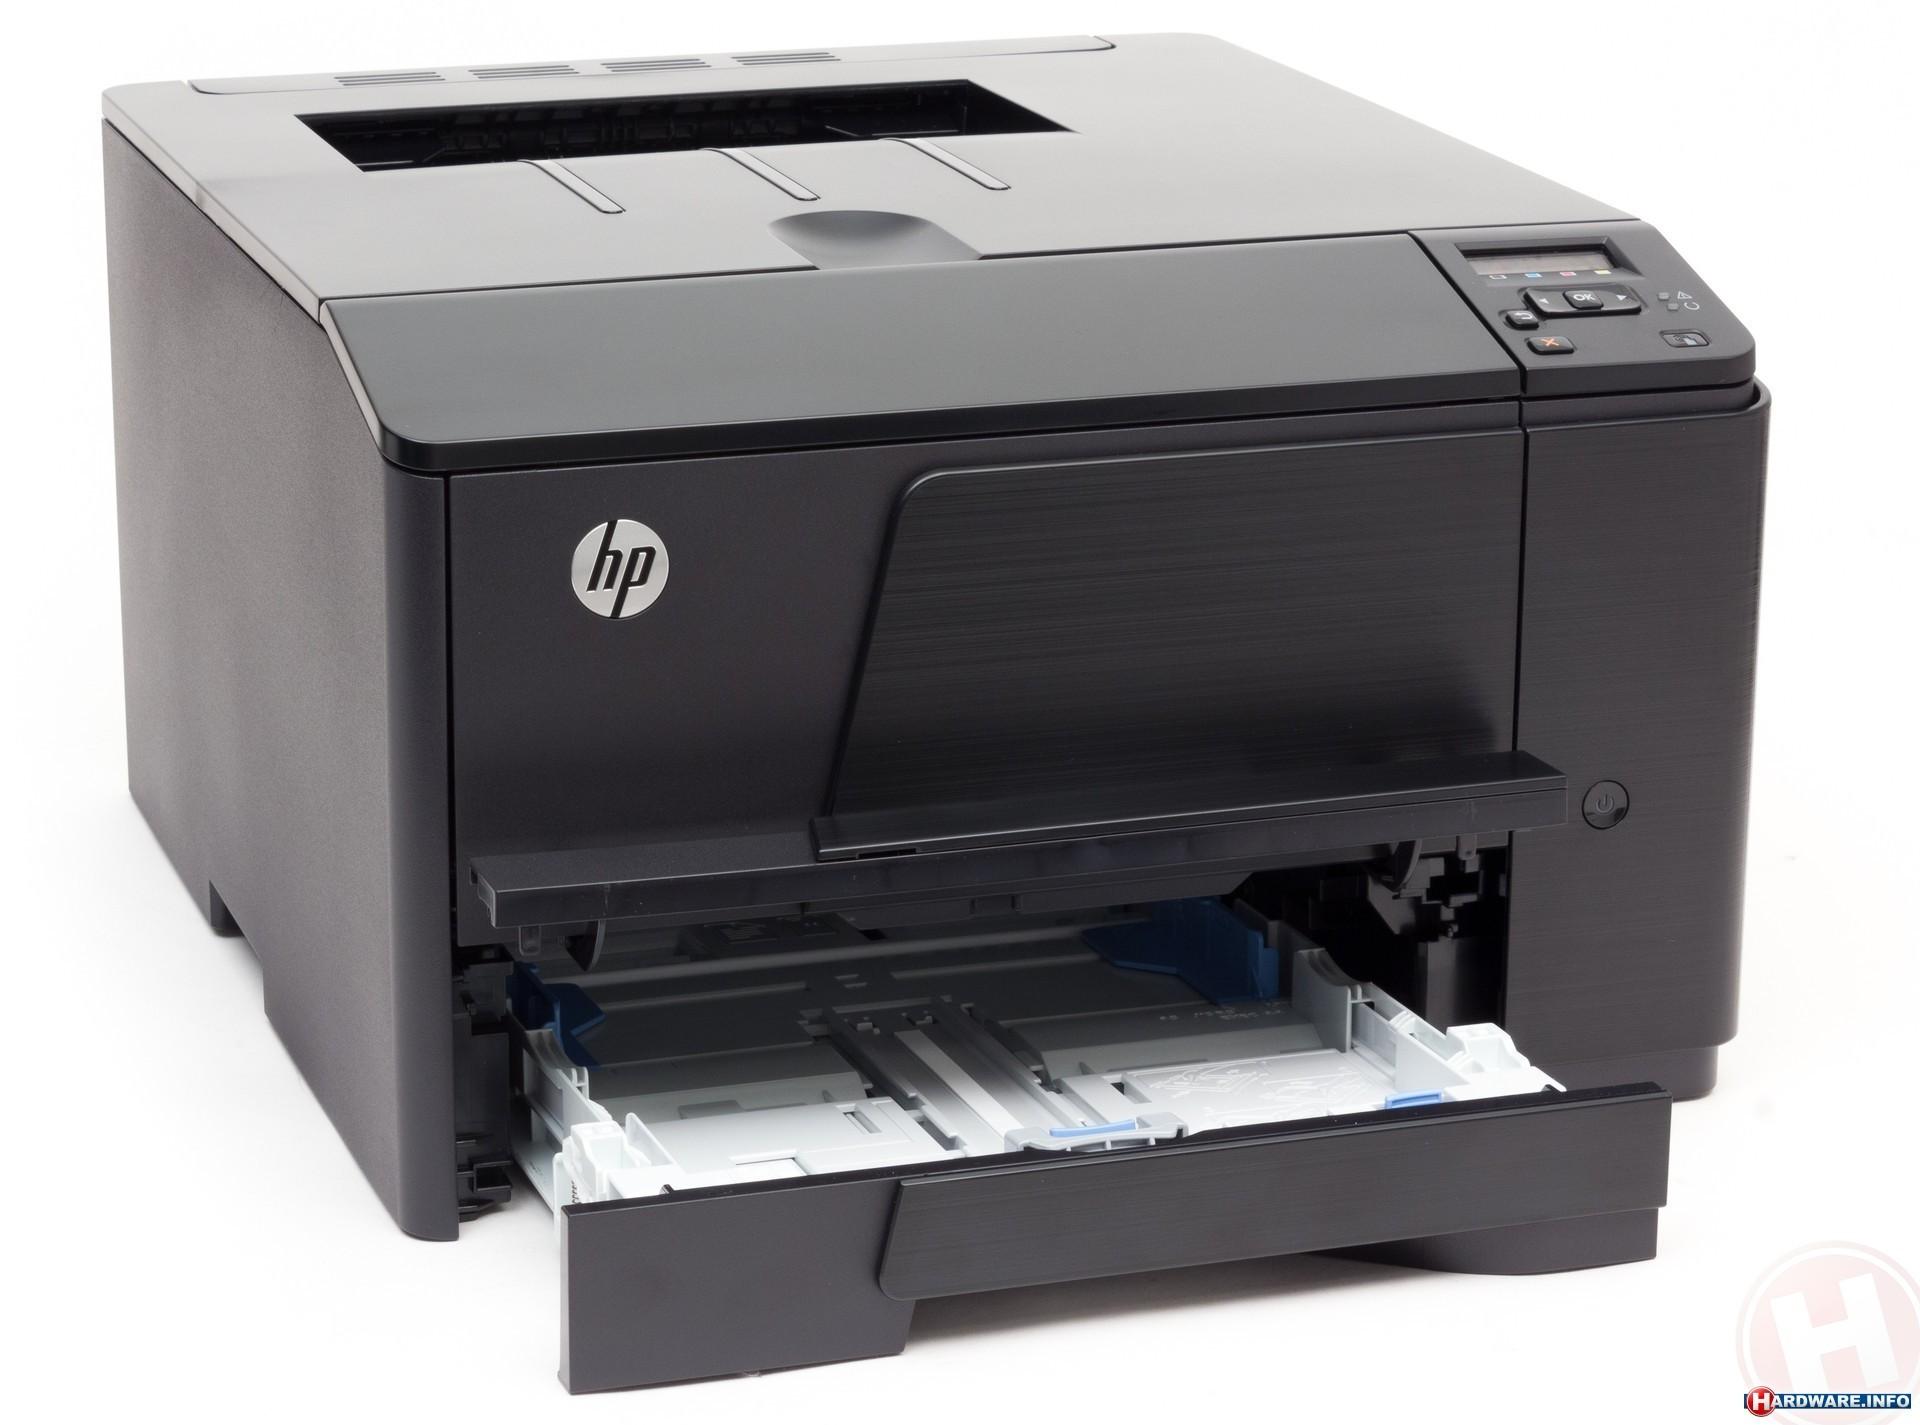 hp color laserjet pro 200 m251n printer. Black Bedroom Furniture Sets. Home Design Ideas